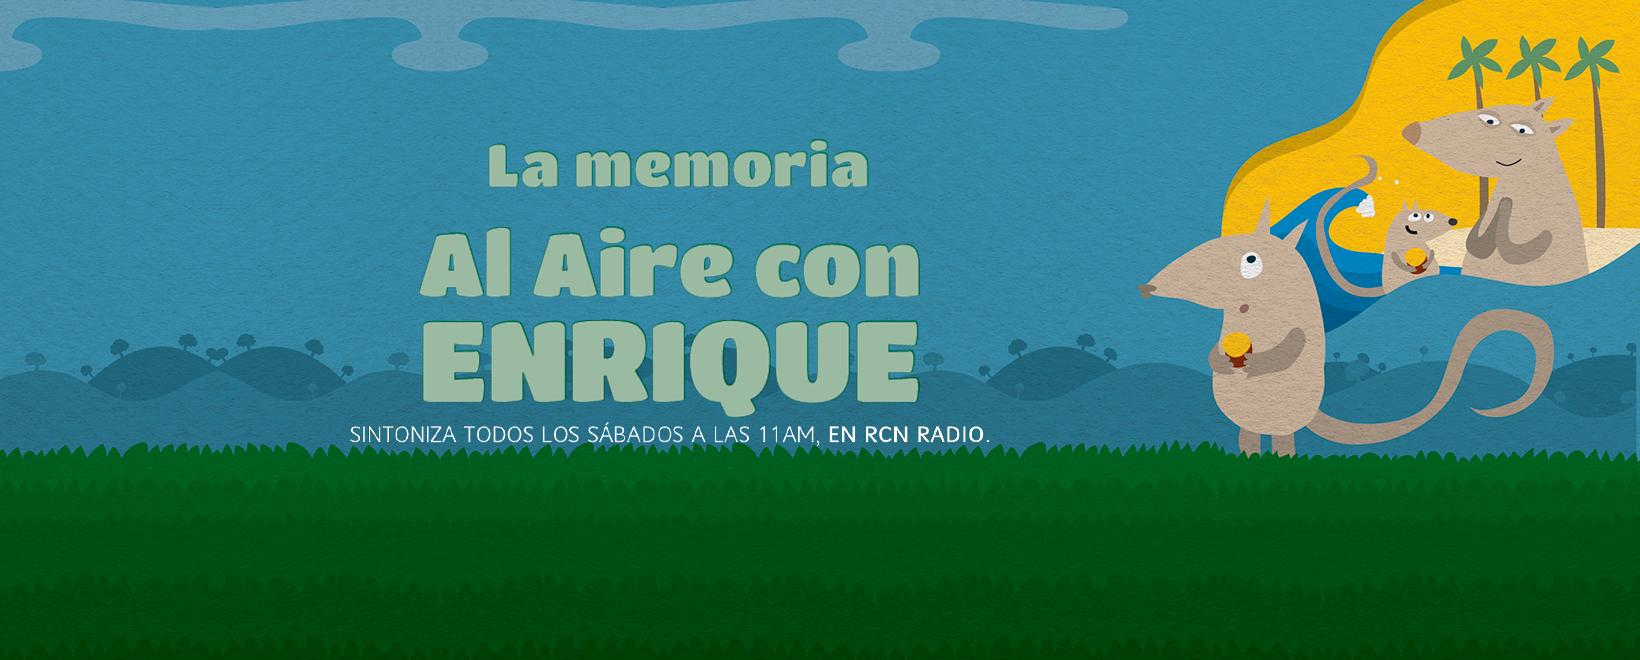 Al aire con Enrique-Capítulo 10: La memoria